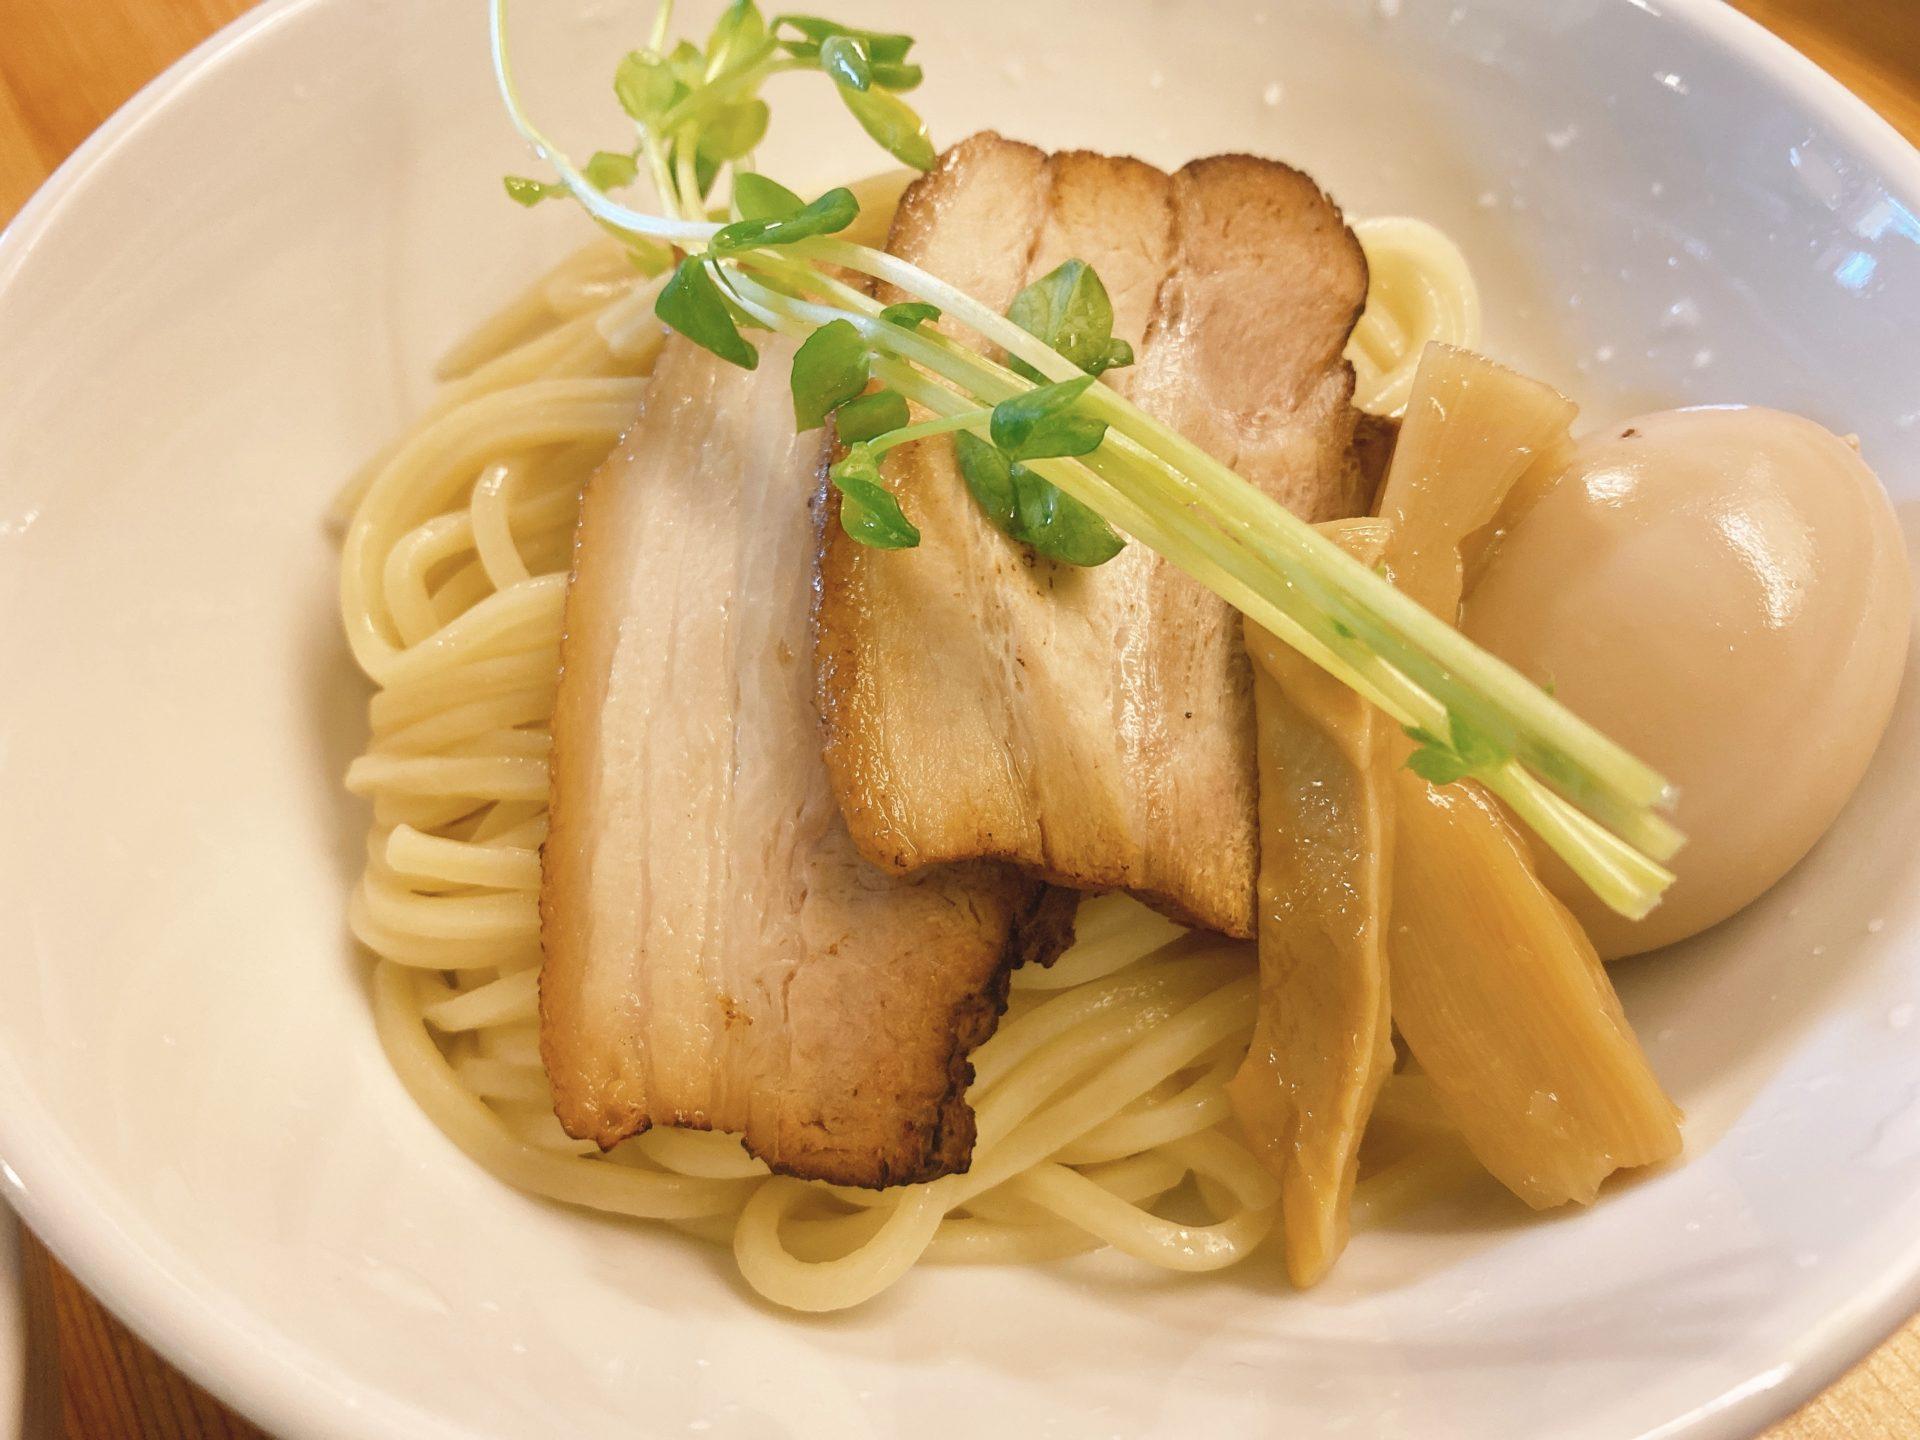 岡山駅西口から車で3分【つけ麺 烏城】にて烏城ソバと迷うも、つけ麺を初体験!太麺と魚介系スープのコクと旨さに舌鼓